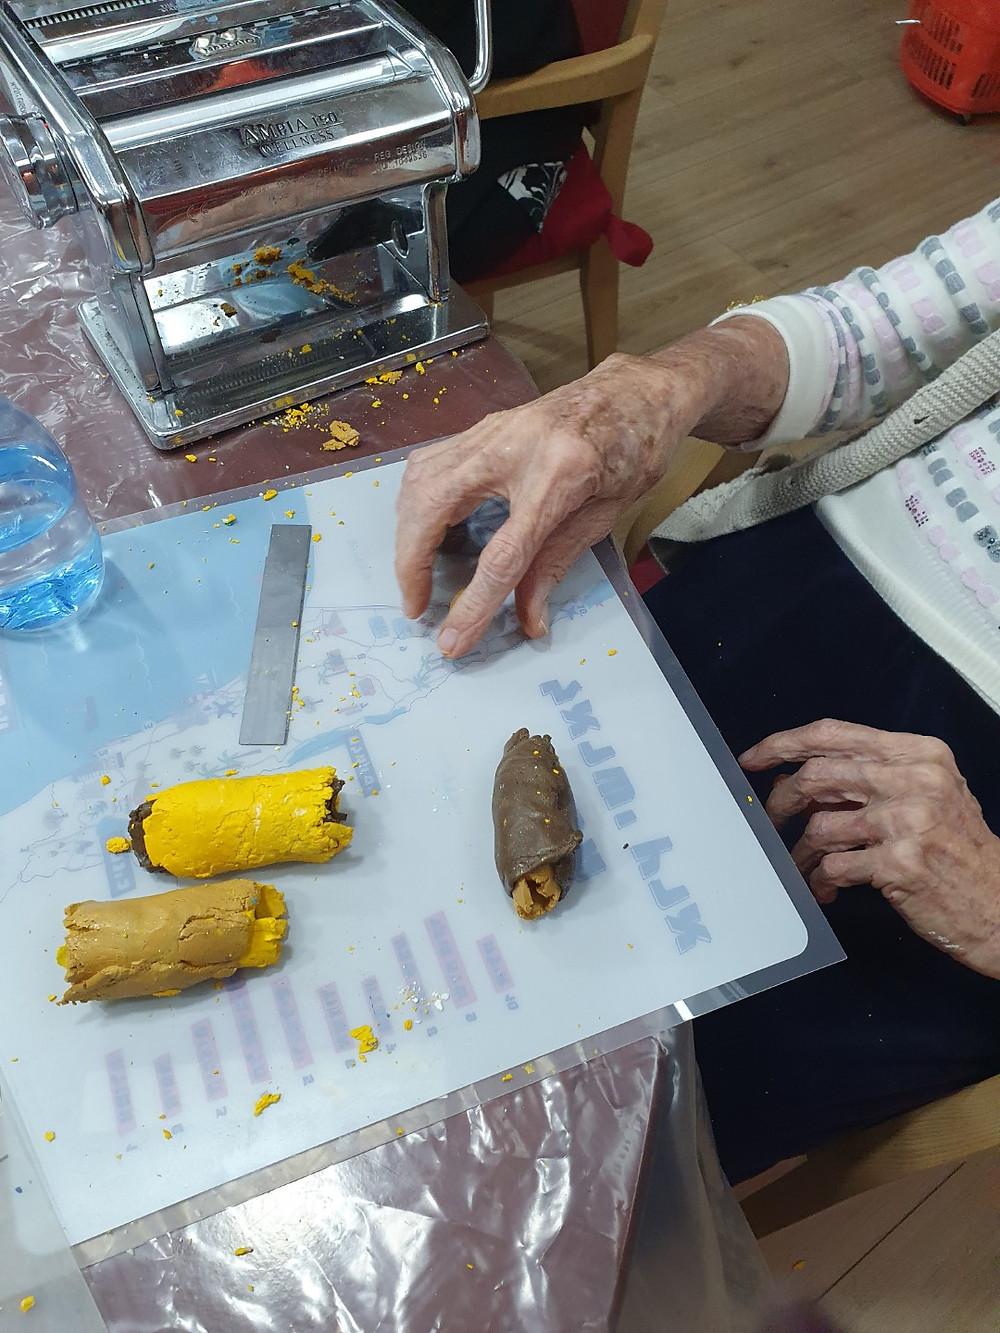 קשישה יוצרת גלילי פימו  במכונת הפסטה